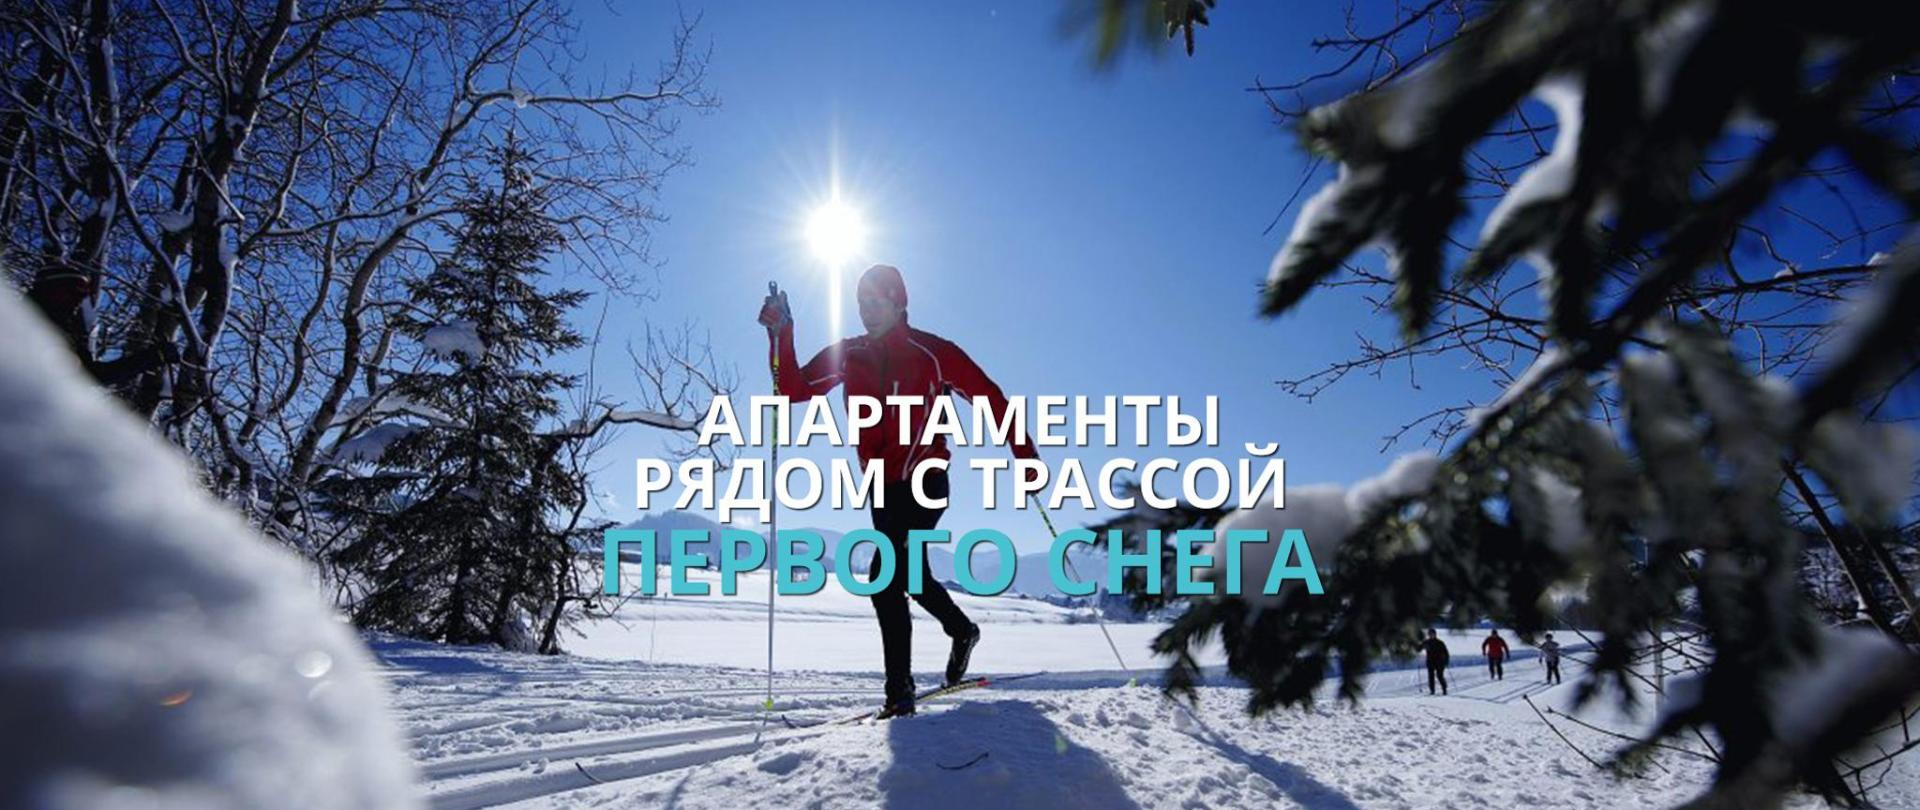 slide_ski_4.jpg